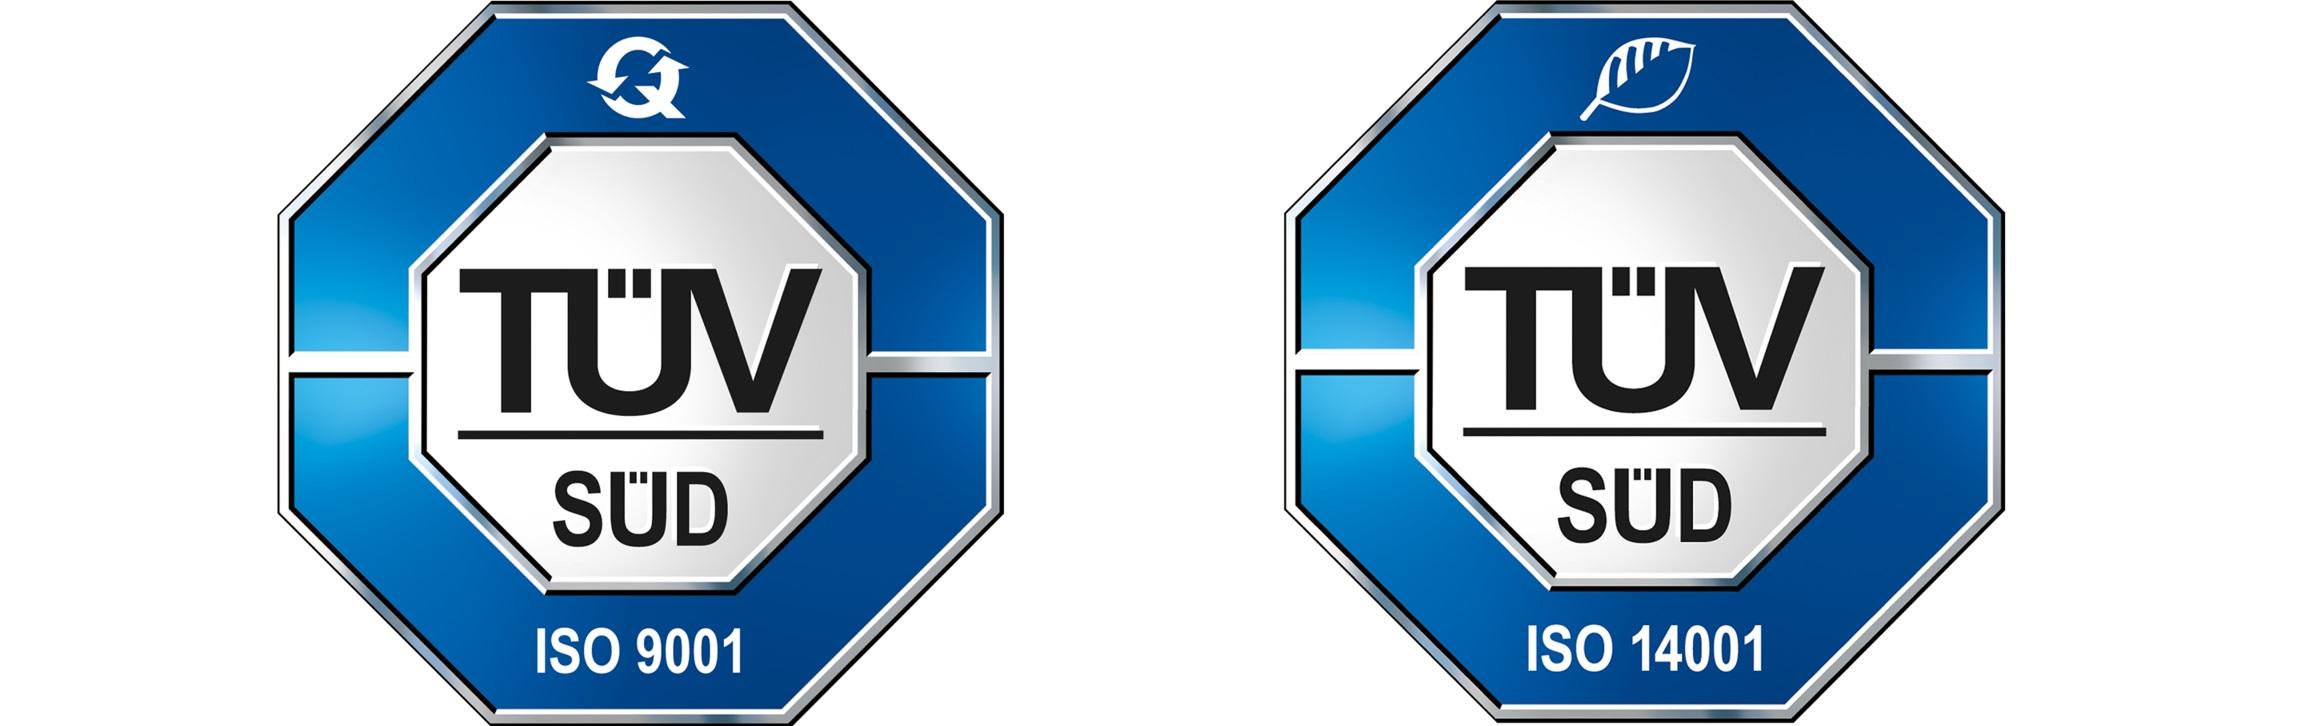 RUD ISO9001 & 14001